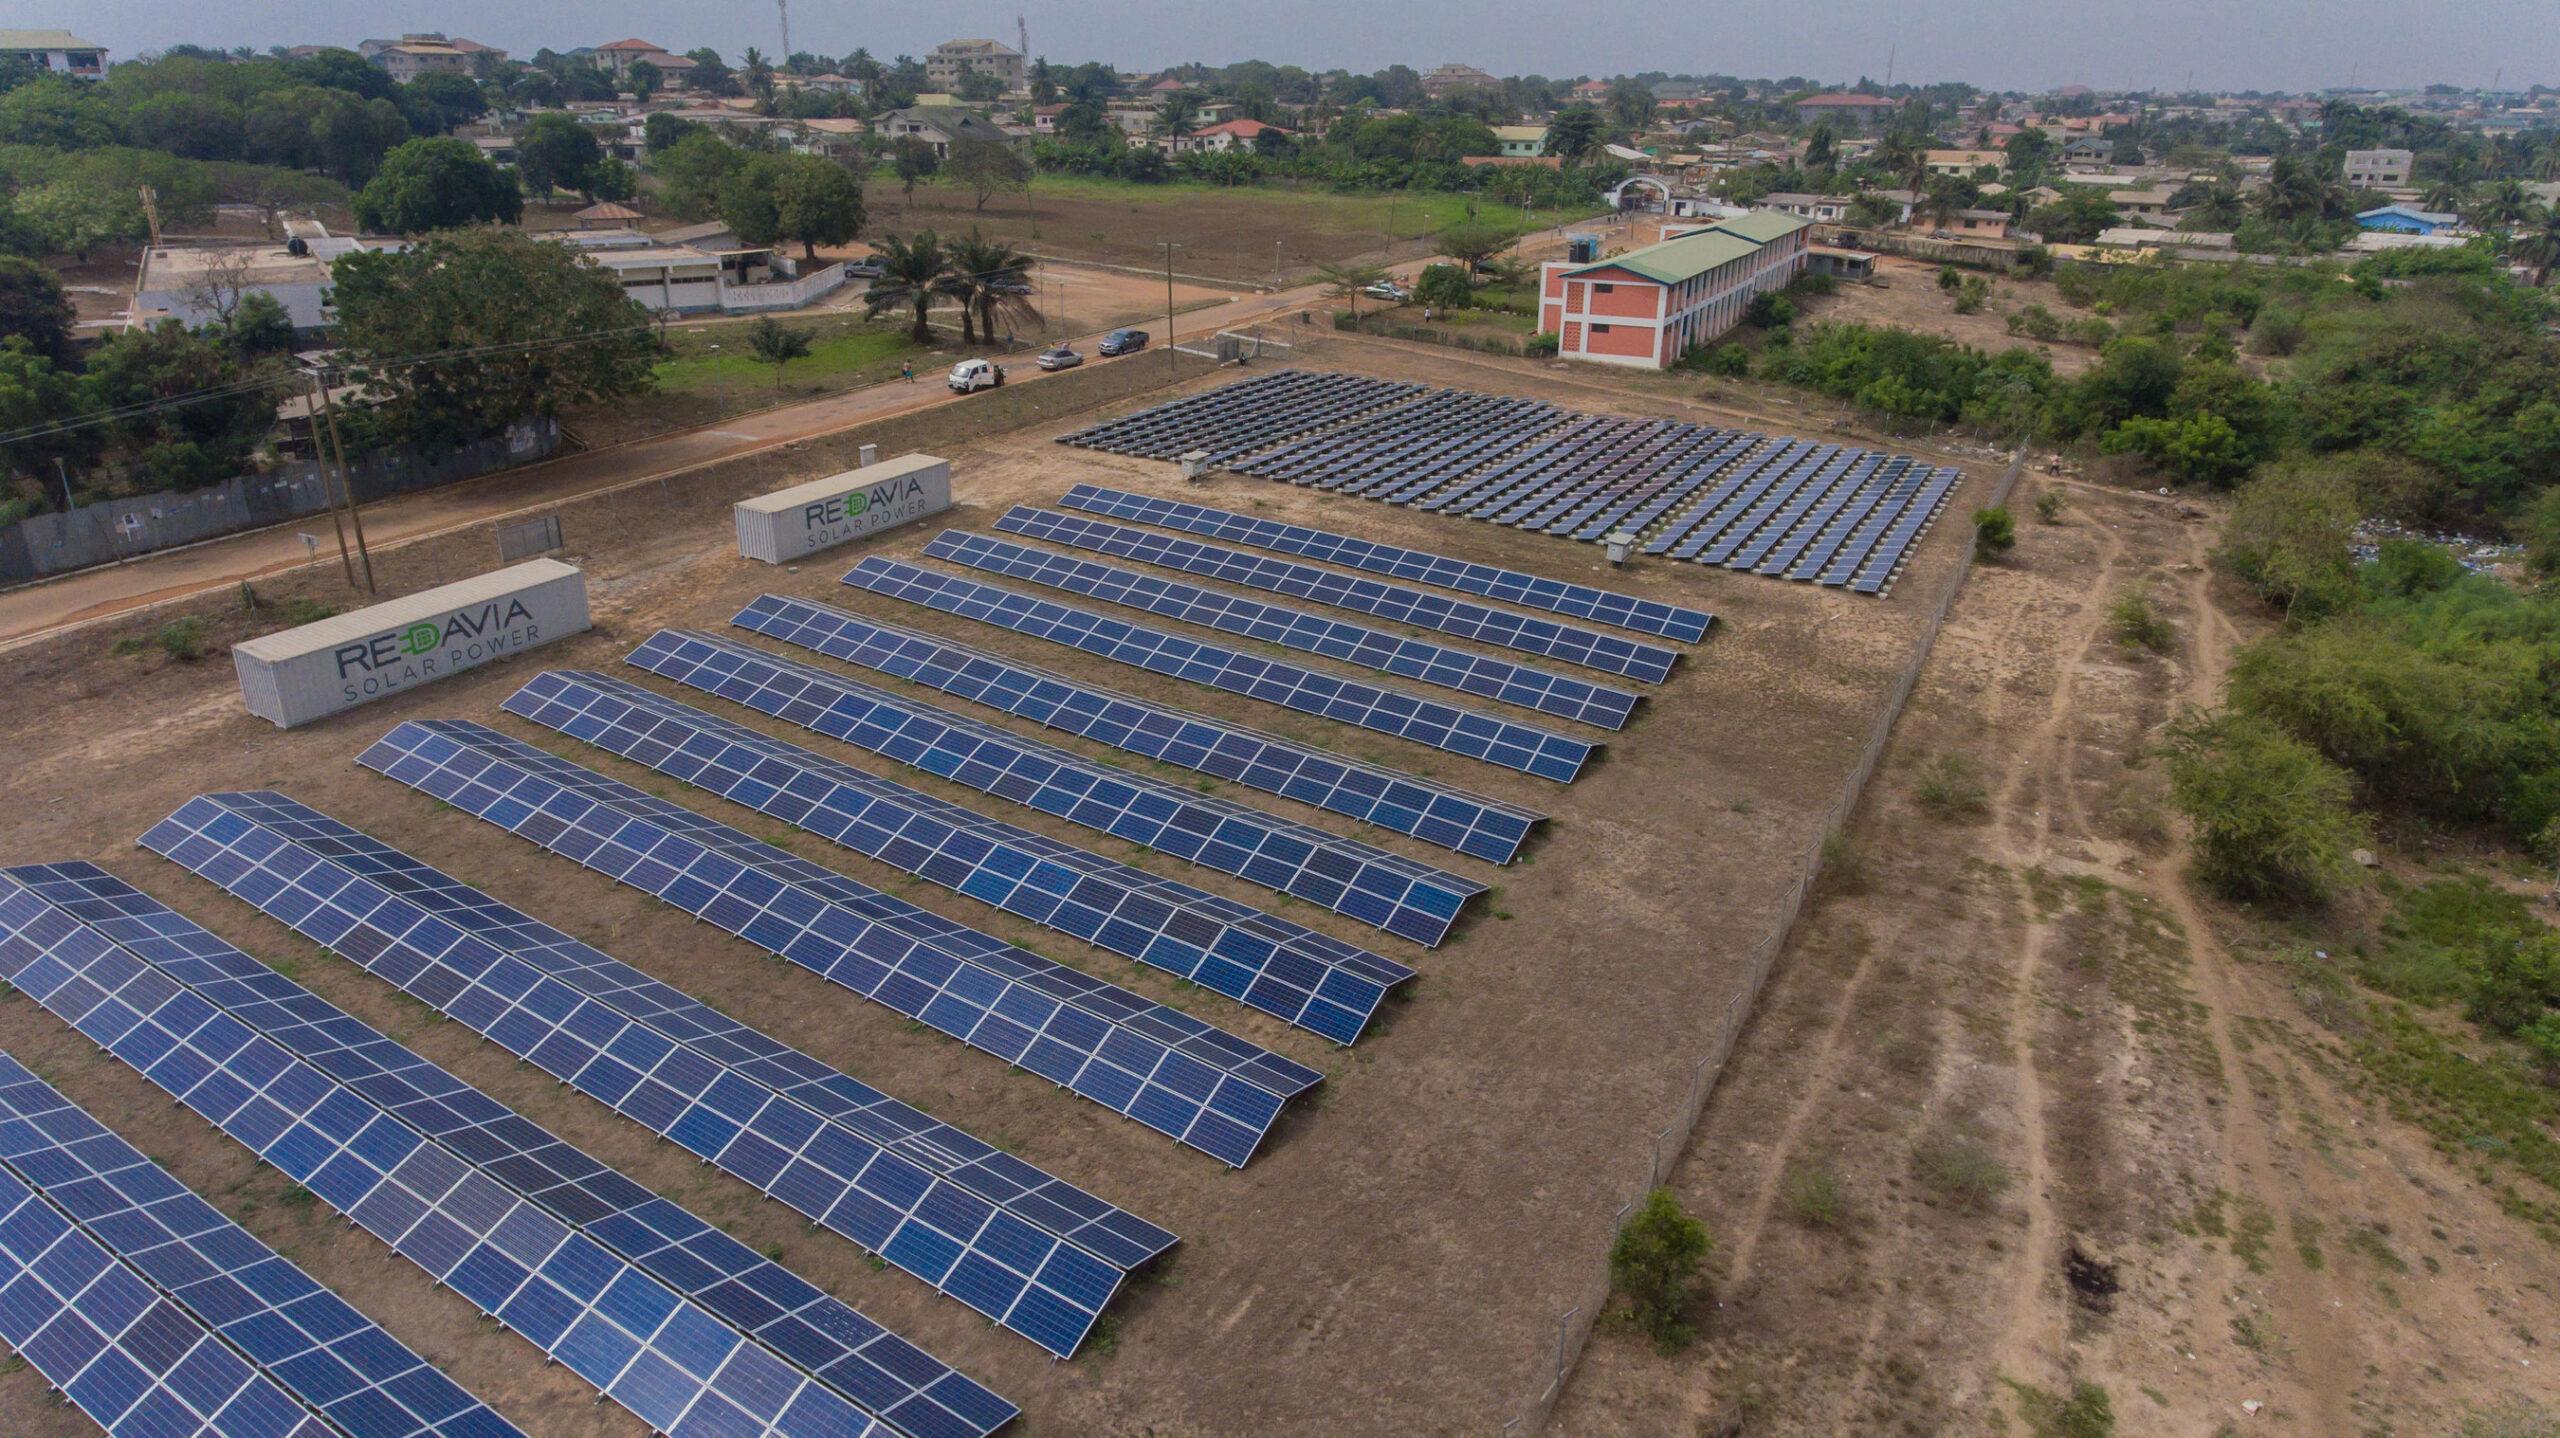 lendahand solar